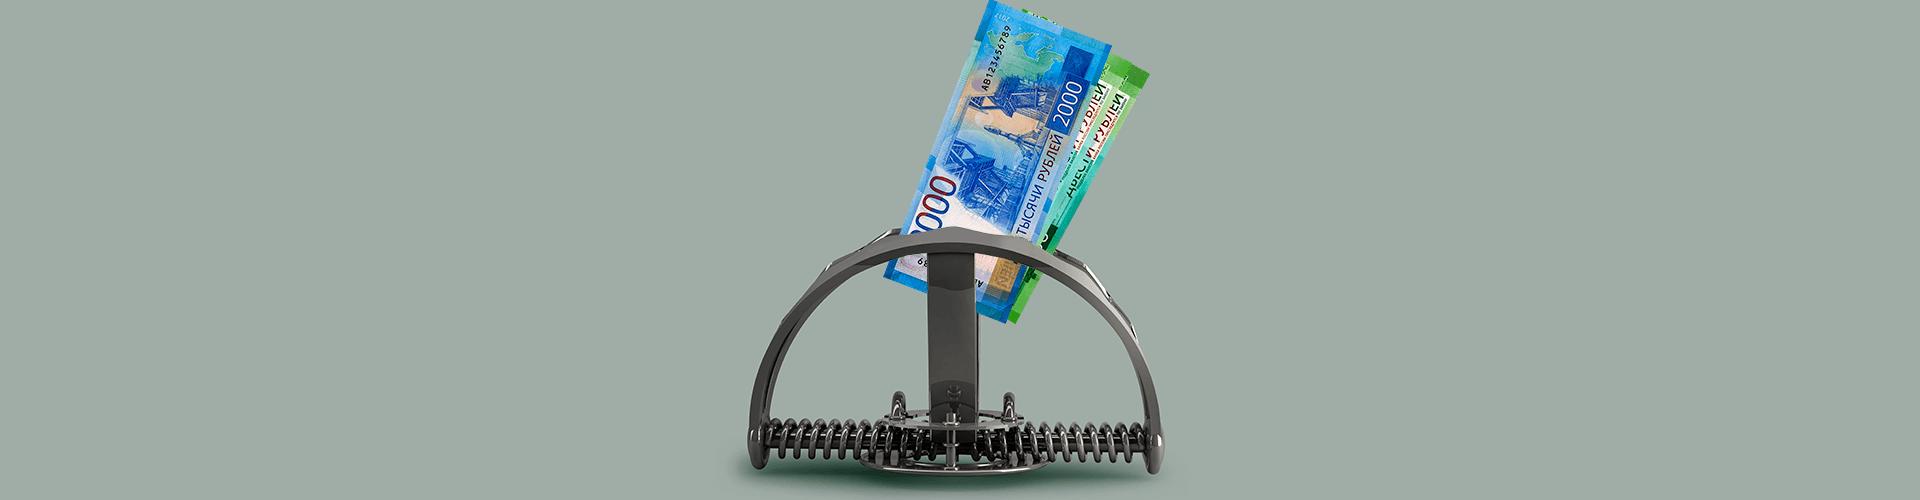 ловушка, капкан, деньги, пирамида